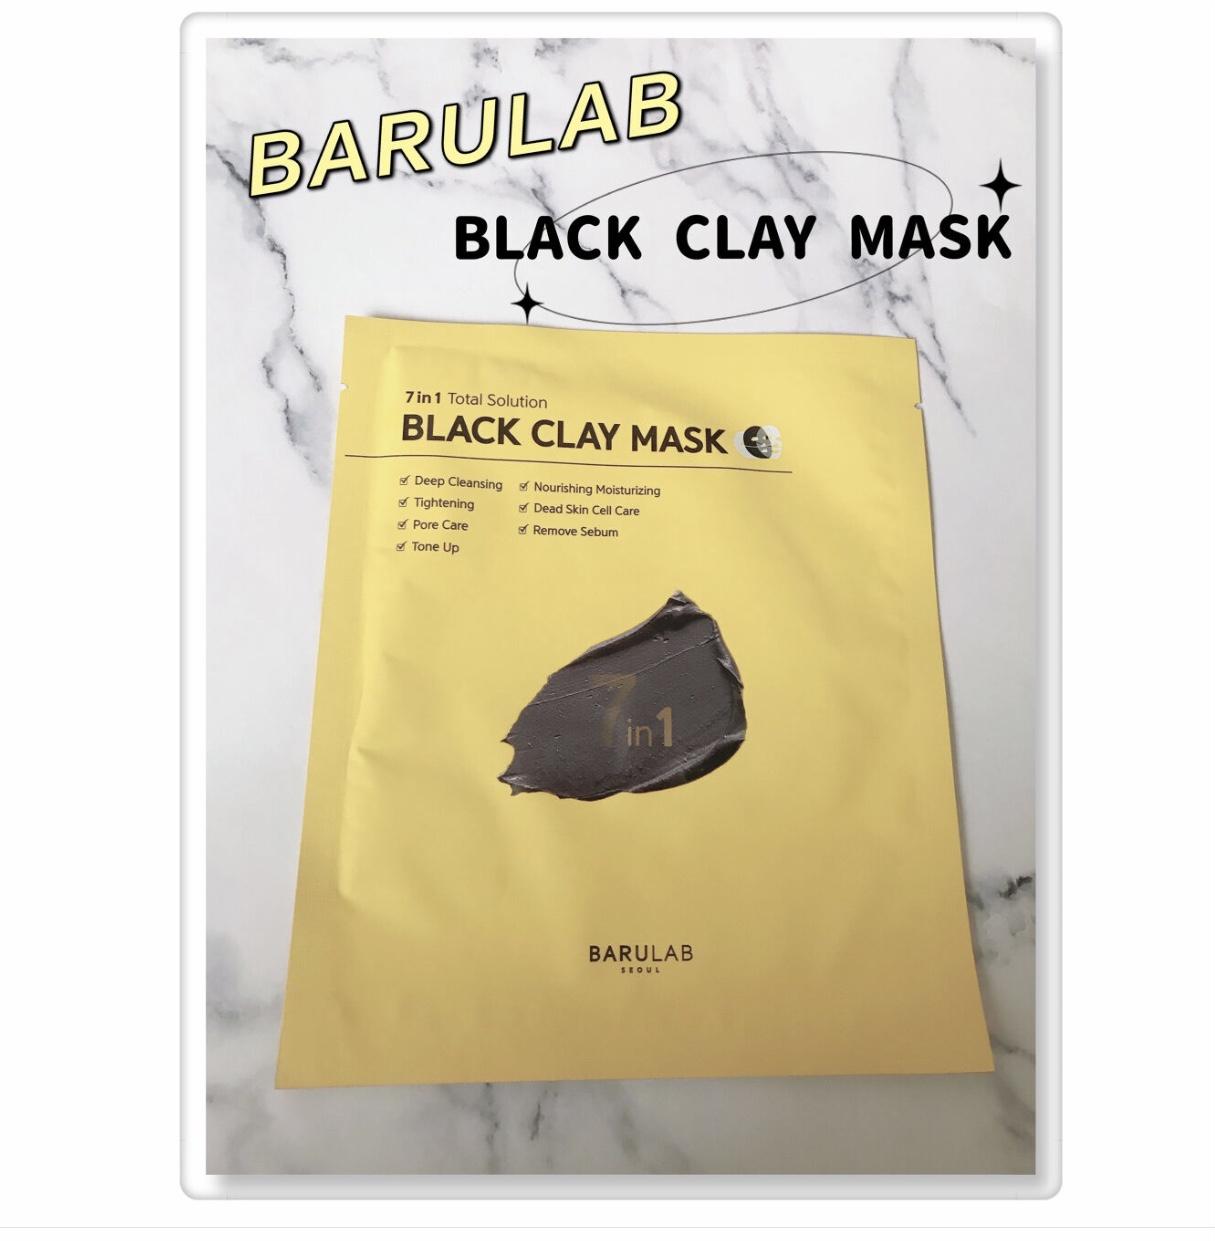 BARULAB(バルラボ) ブラック クレイ マスクを使ったMarukoさんのクチコミ画像1